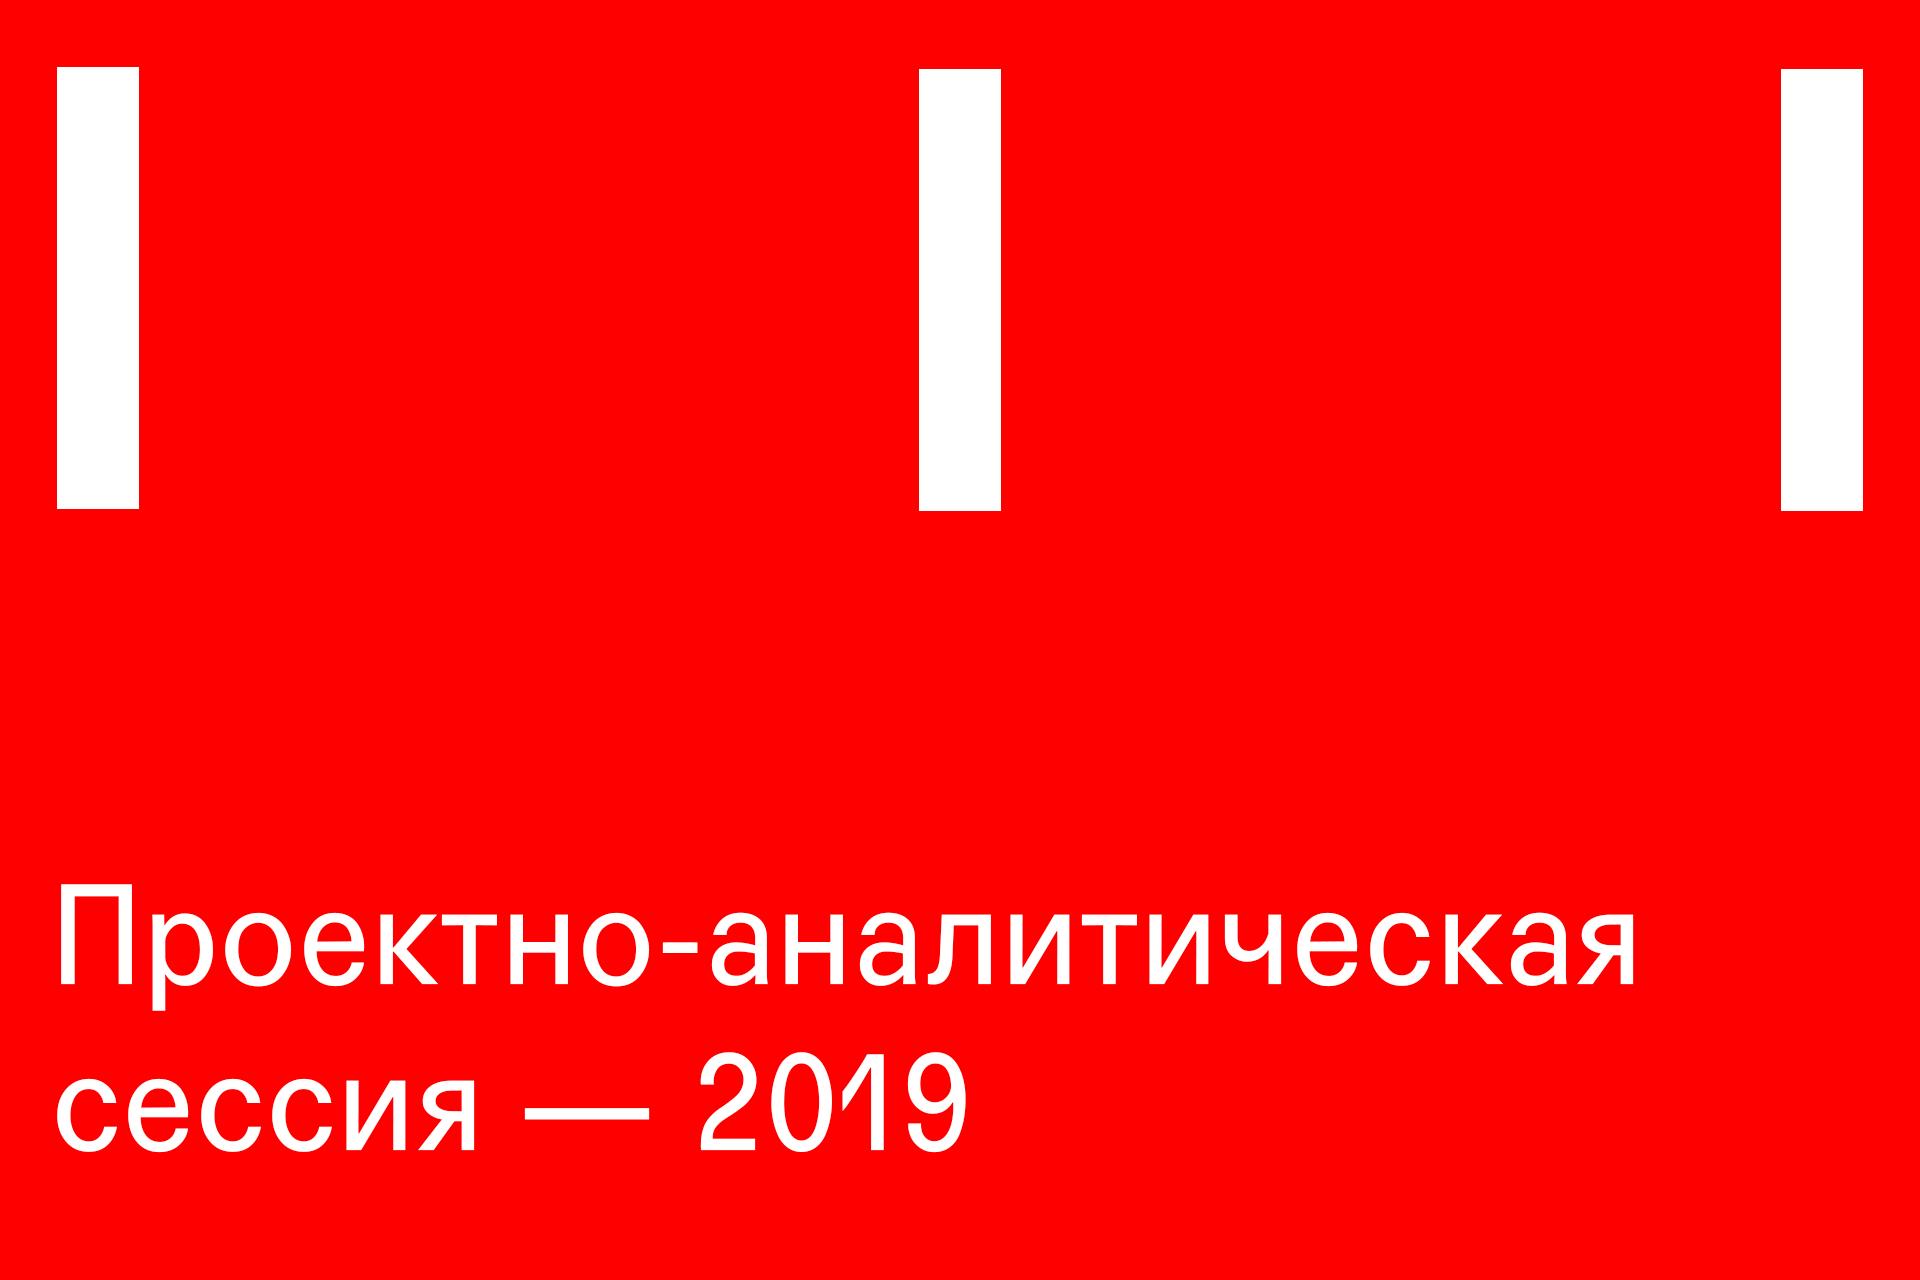 Проектно-аналитическая сессия по отбору профессоров и дизайну мультидисциплинарных исследовательских проектов — 2019